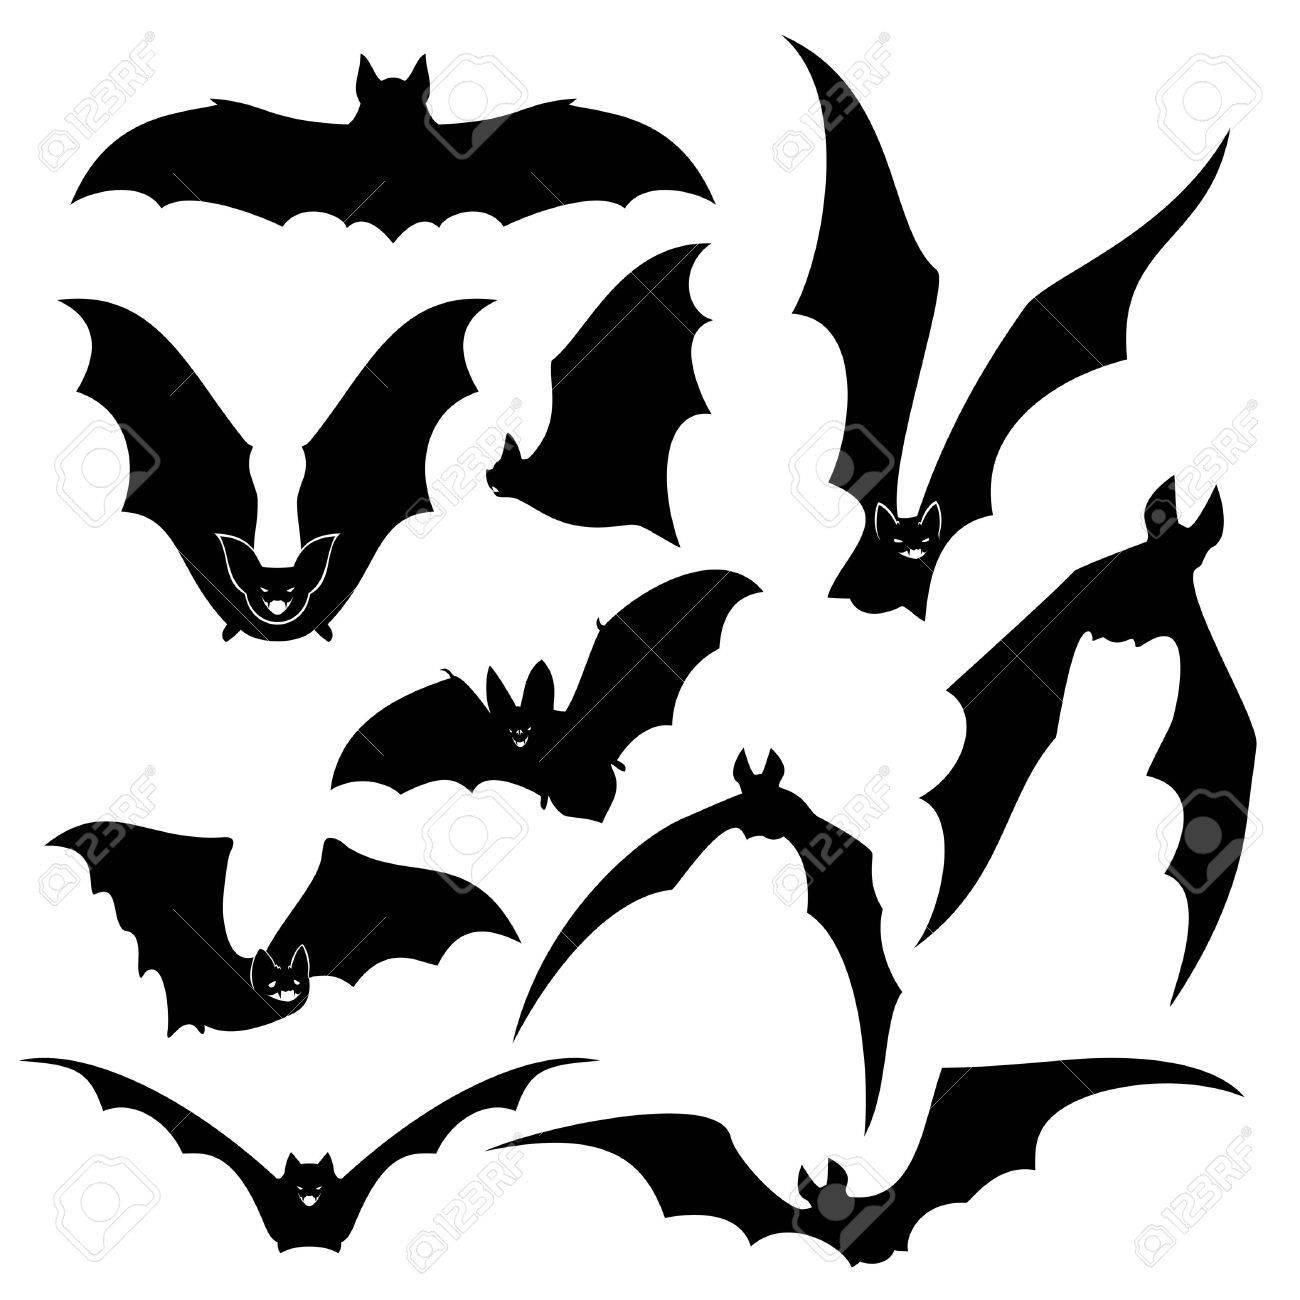 黒コウモリ シルエットのセット翼ハロウィーン吸血動物の野生動物